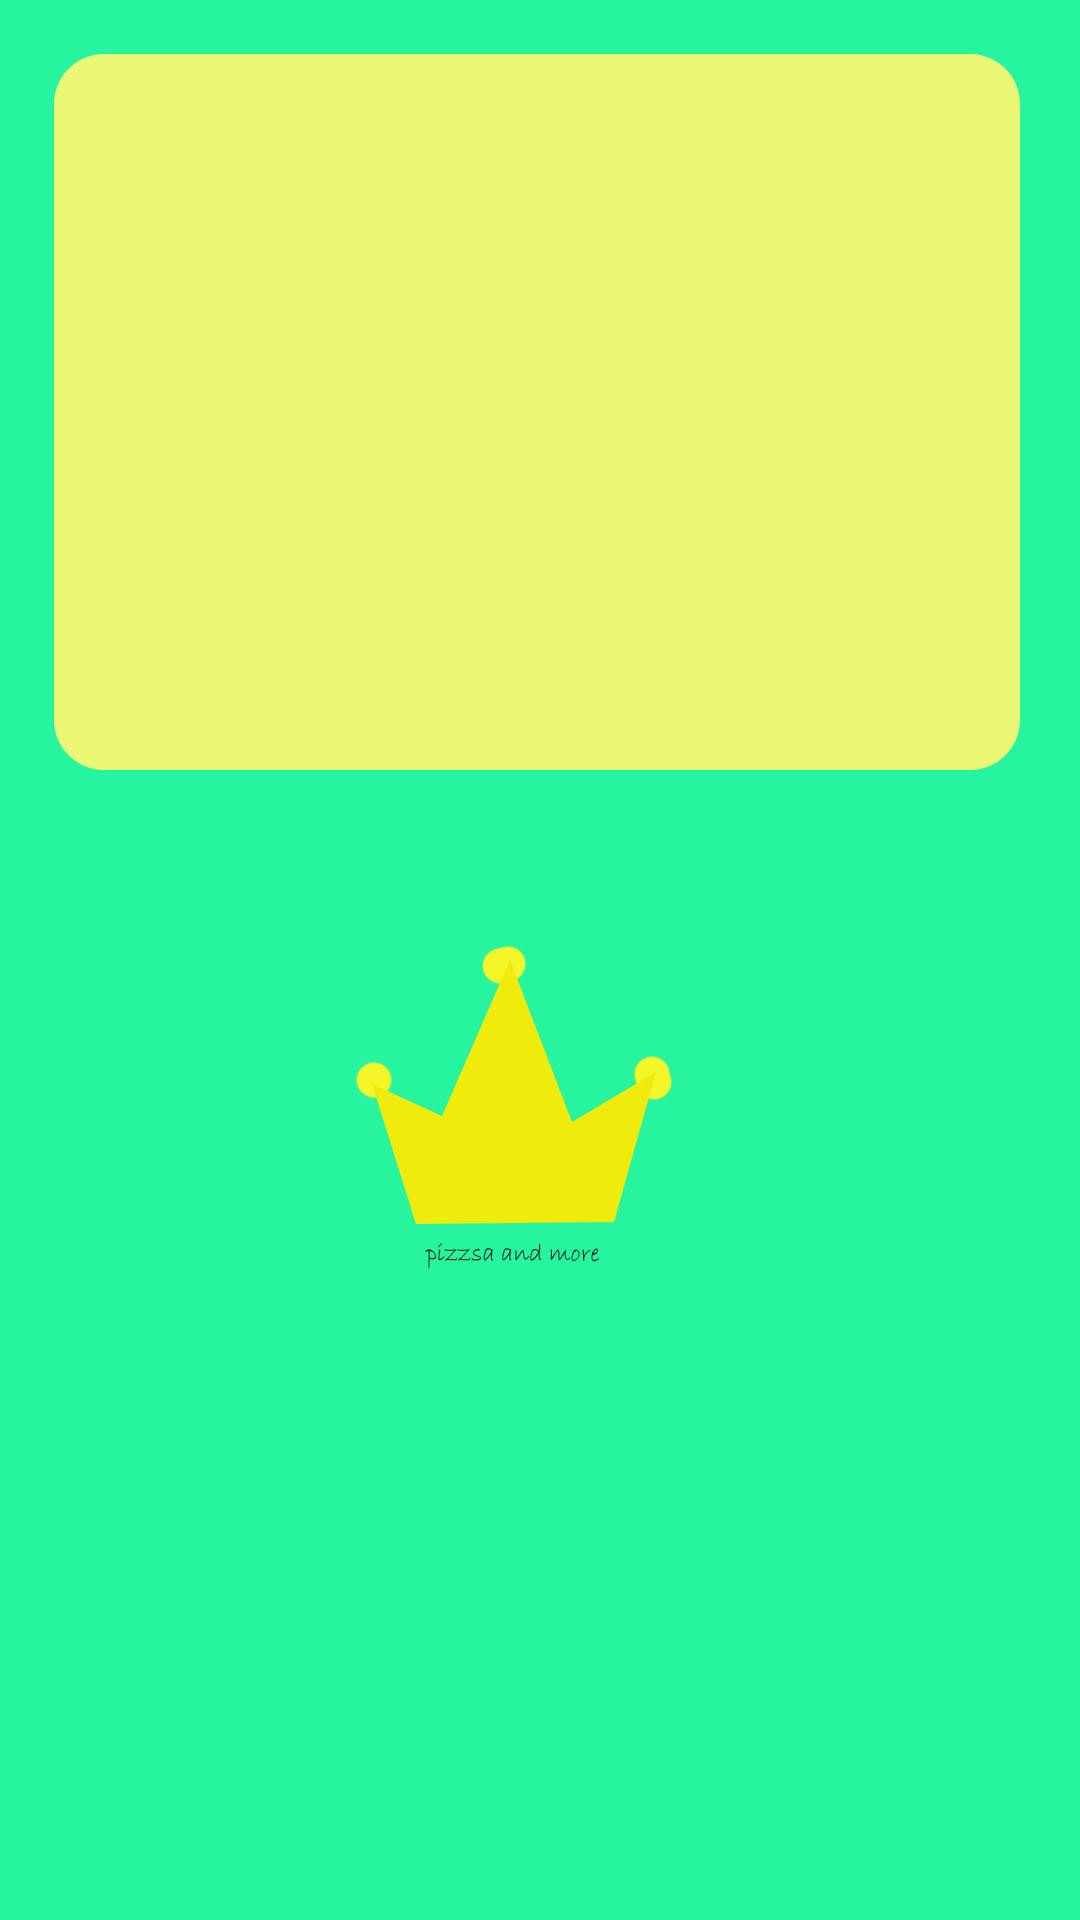 卡通 动漫 皇冠 简约 苹果手机高清壁纸 1080x1920